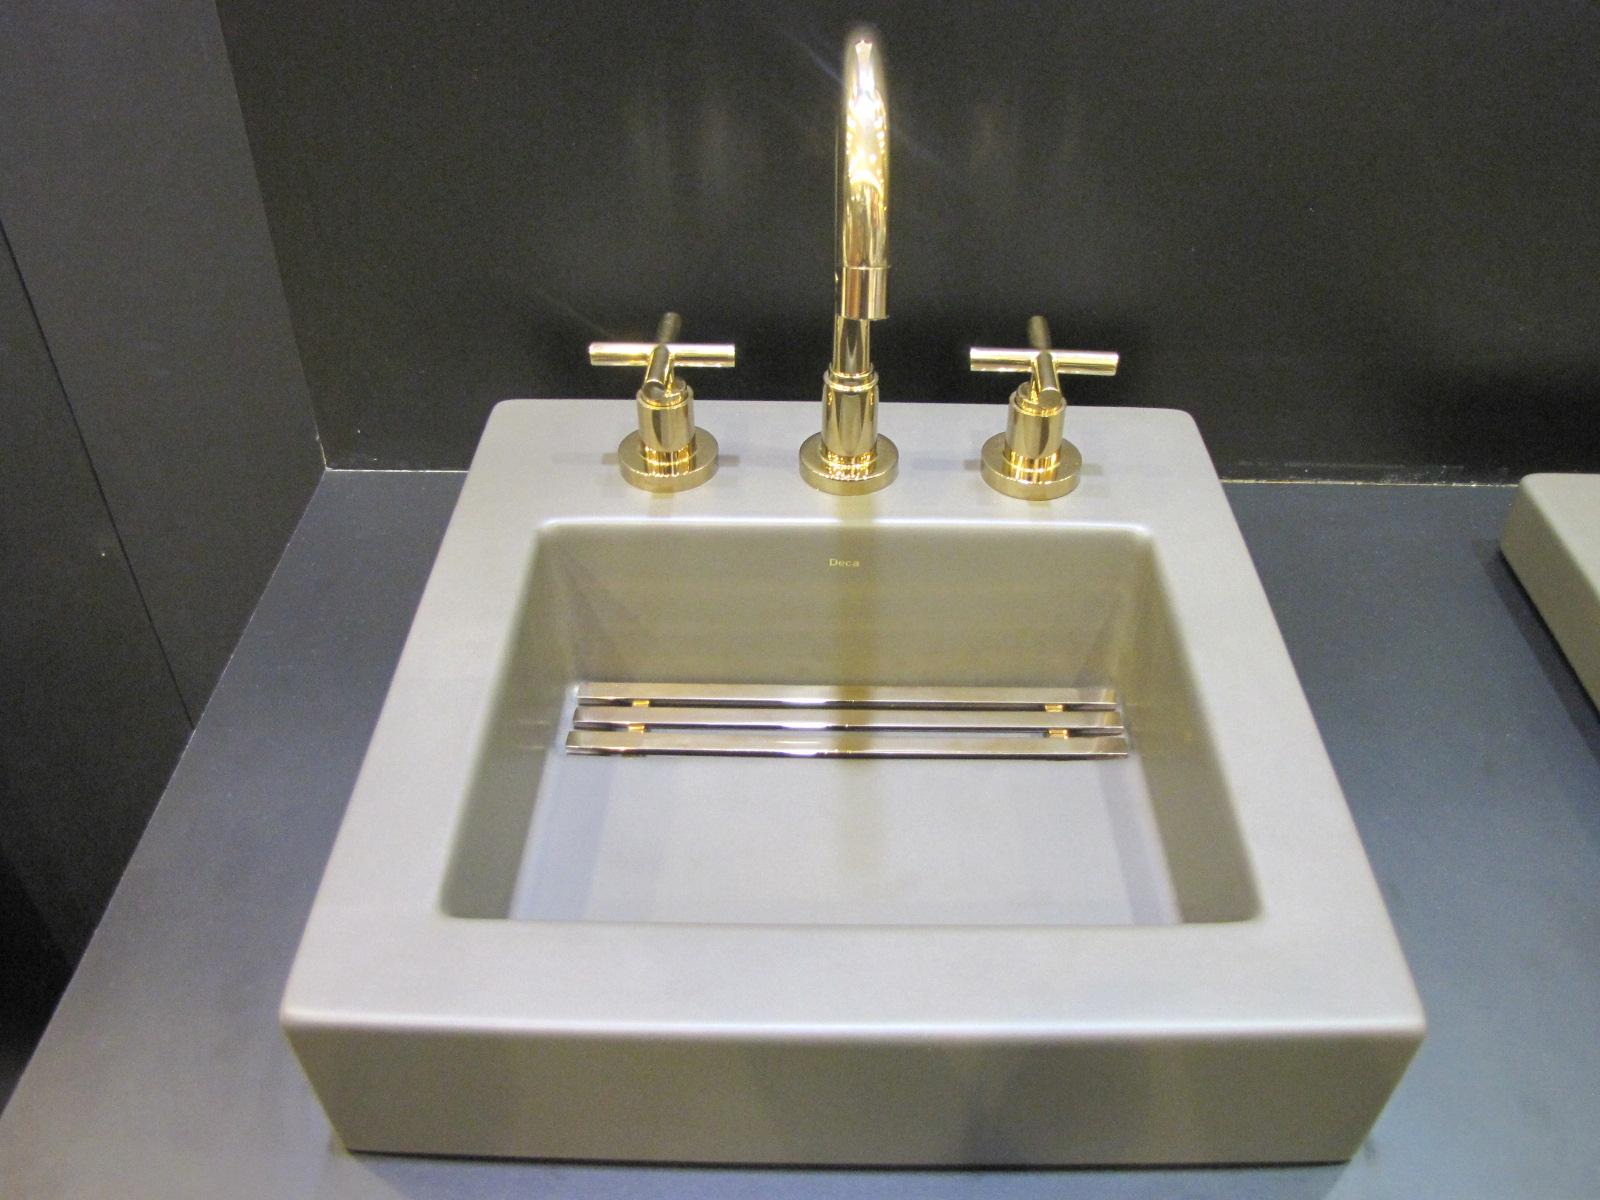 As cores e formas também foramnovidades nas louças da DECA que  #867645 1600x1200 Acessorios Banheiro Deca